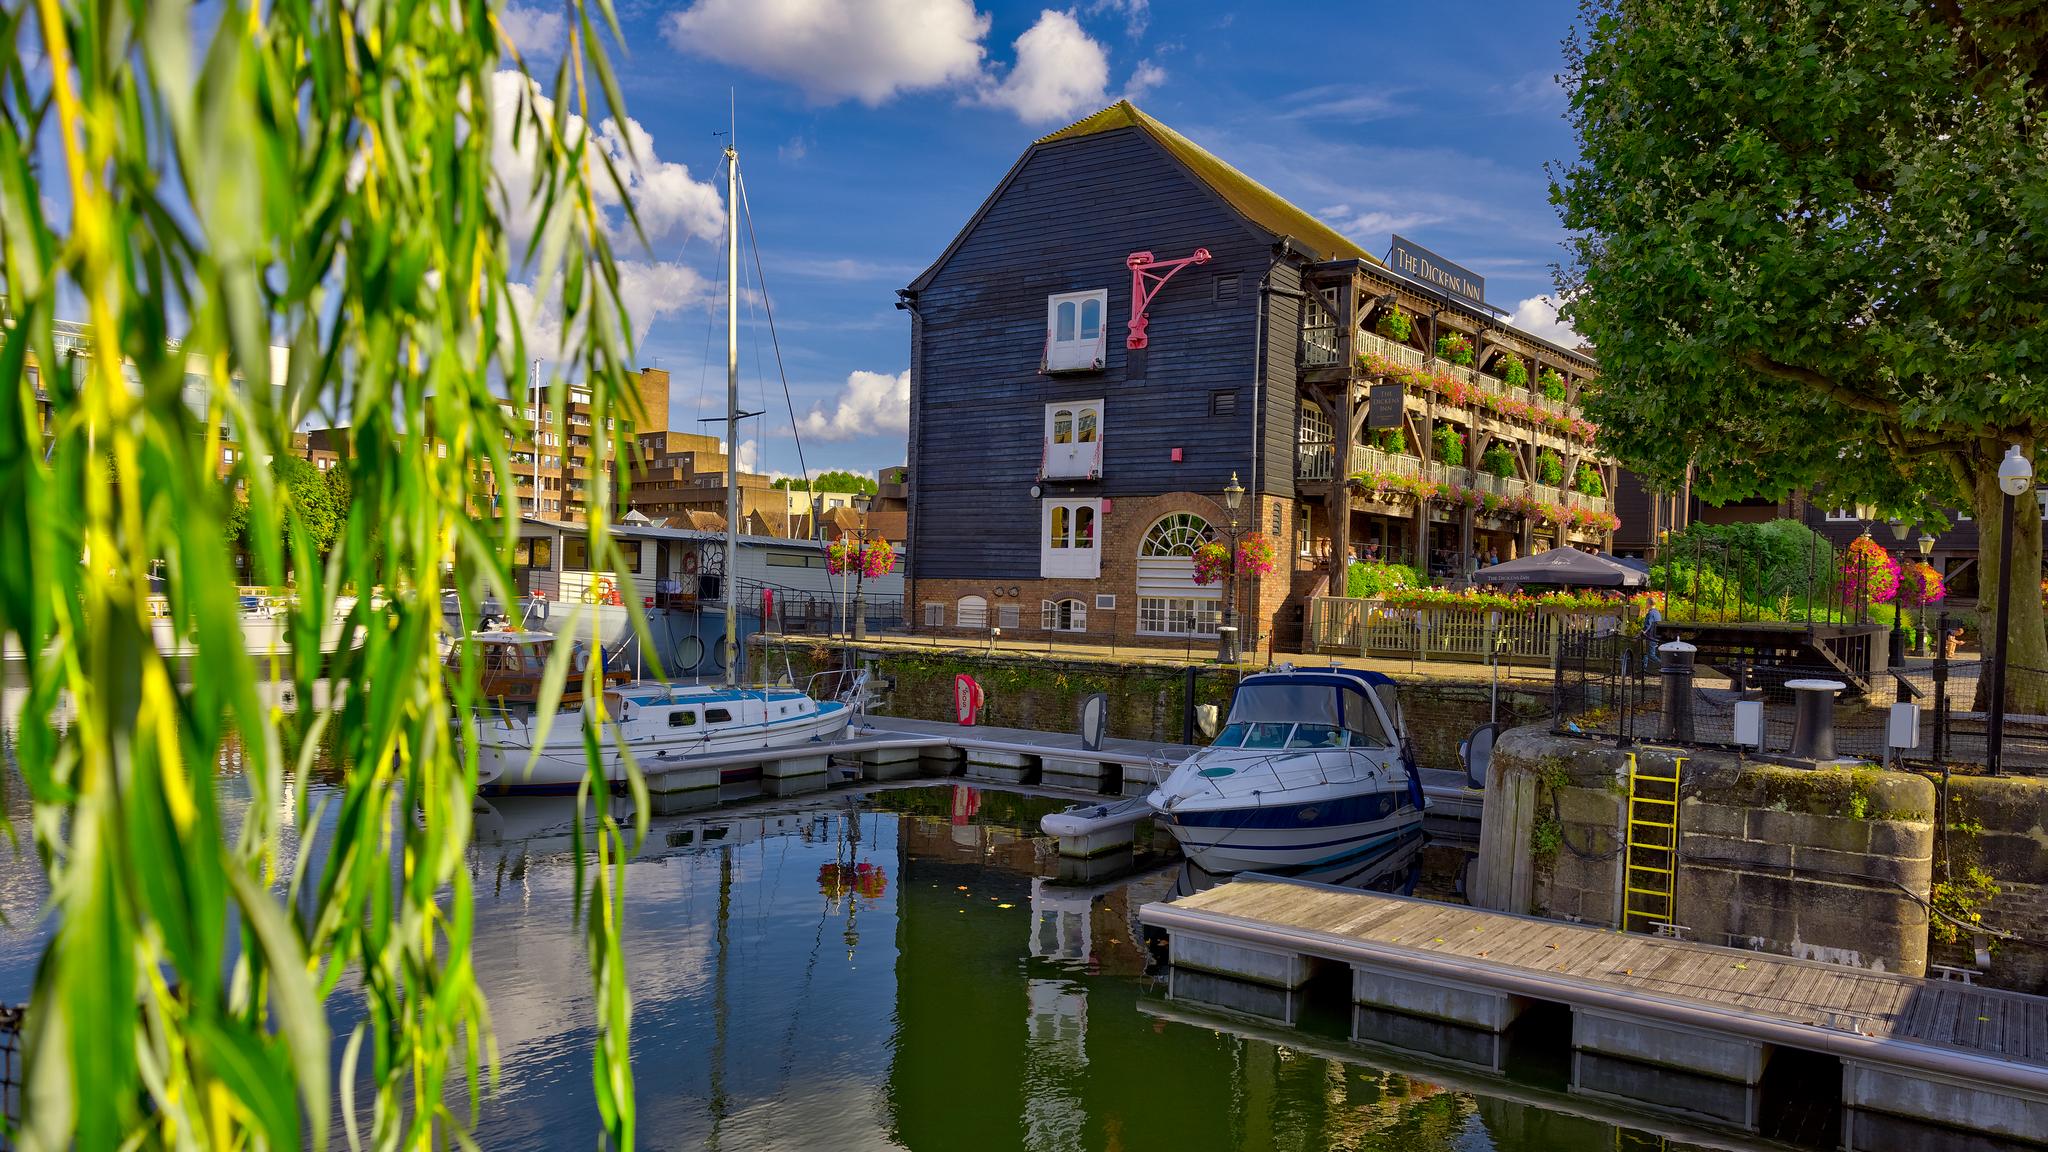 St. Katharine Docks Marina, United Kingdom